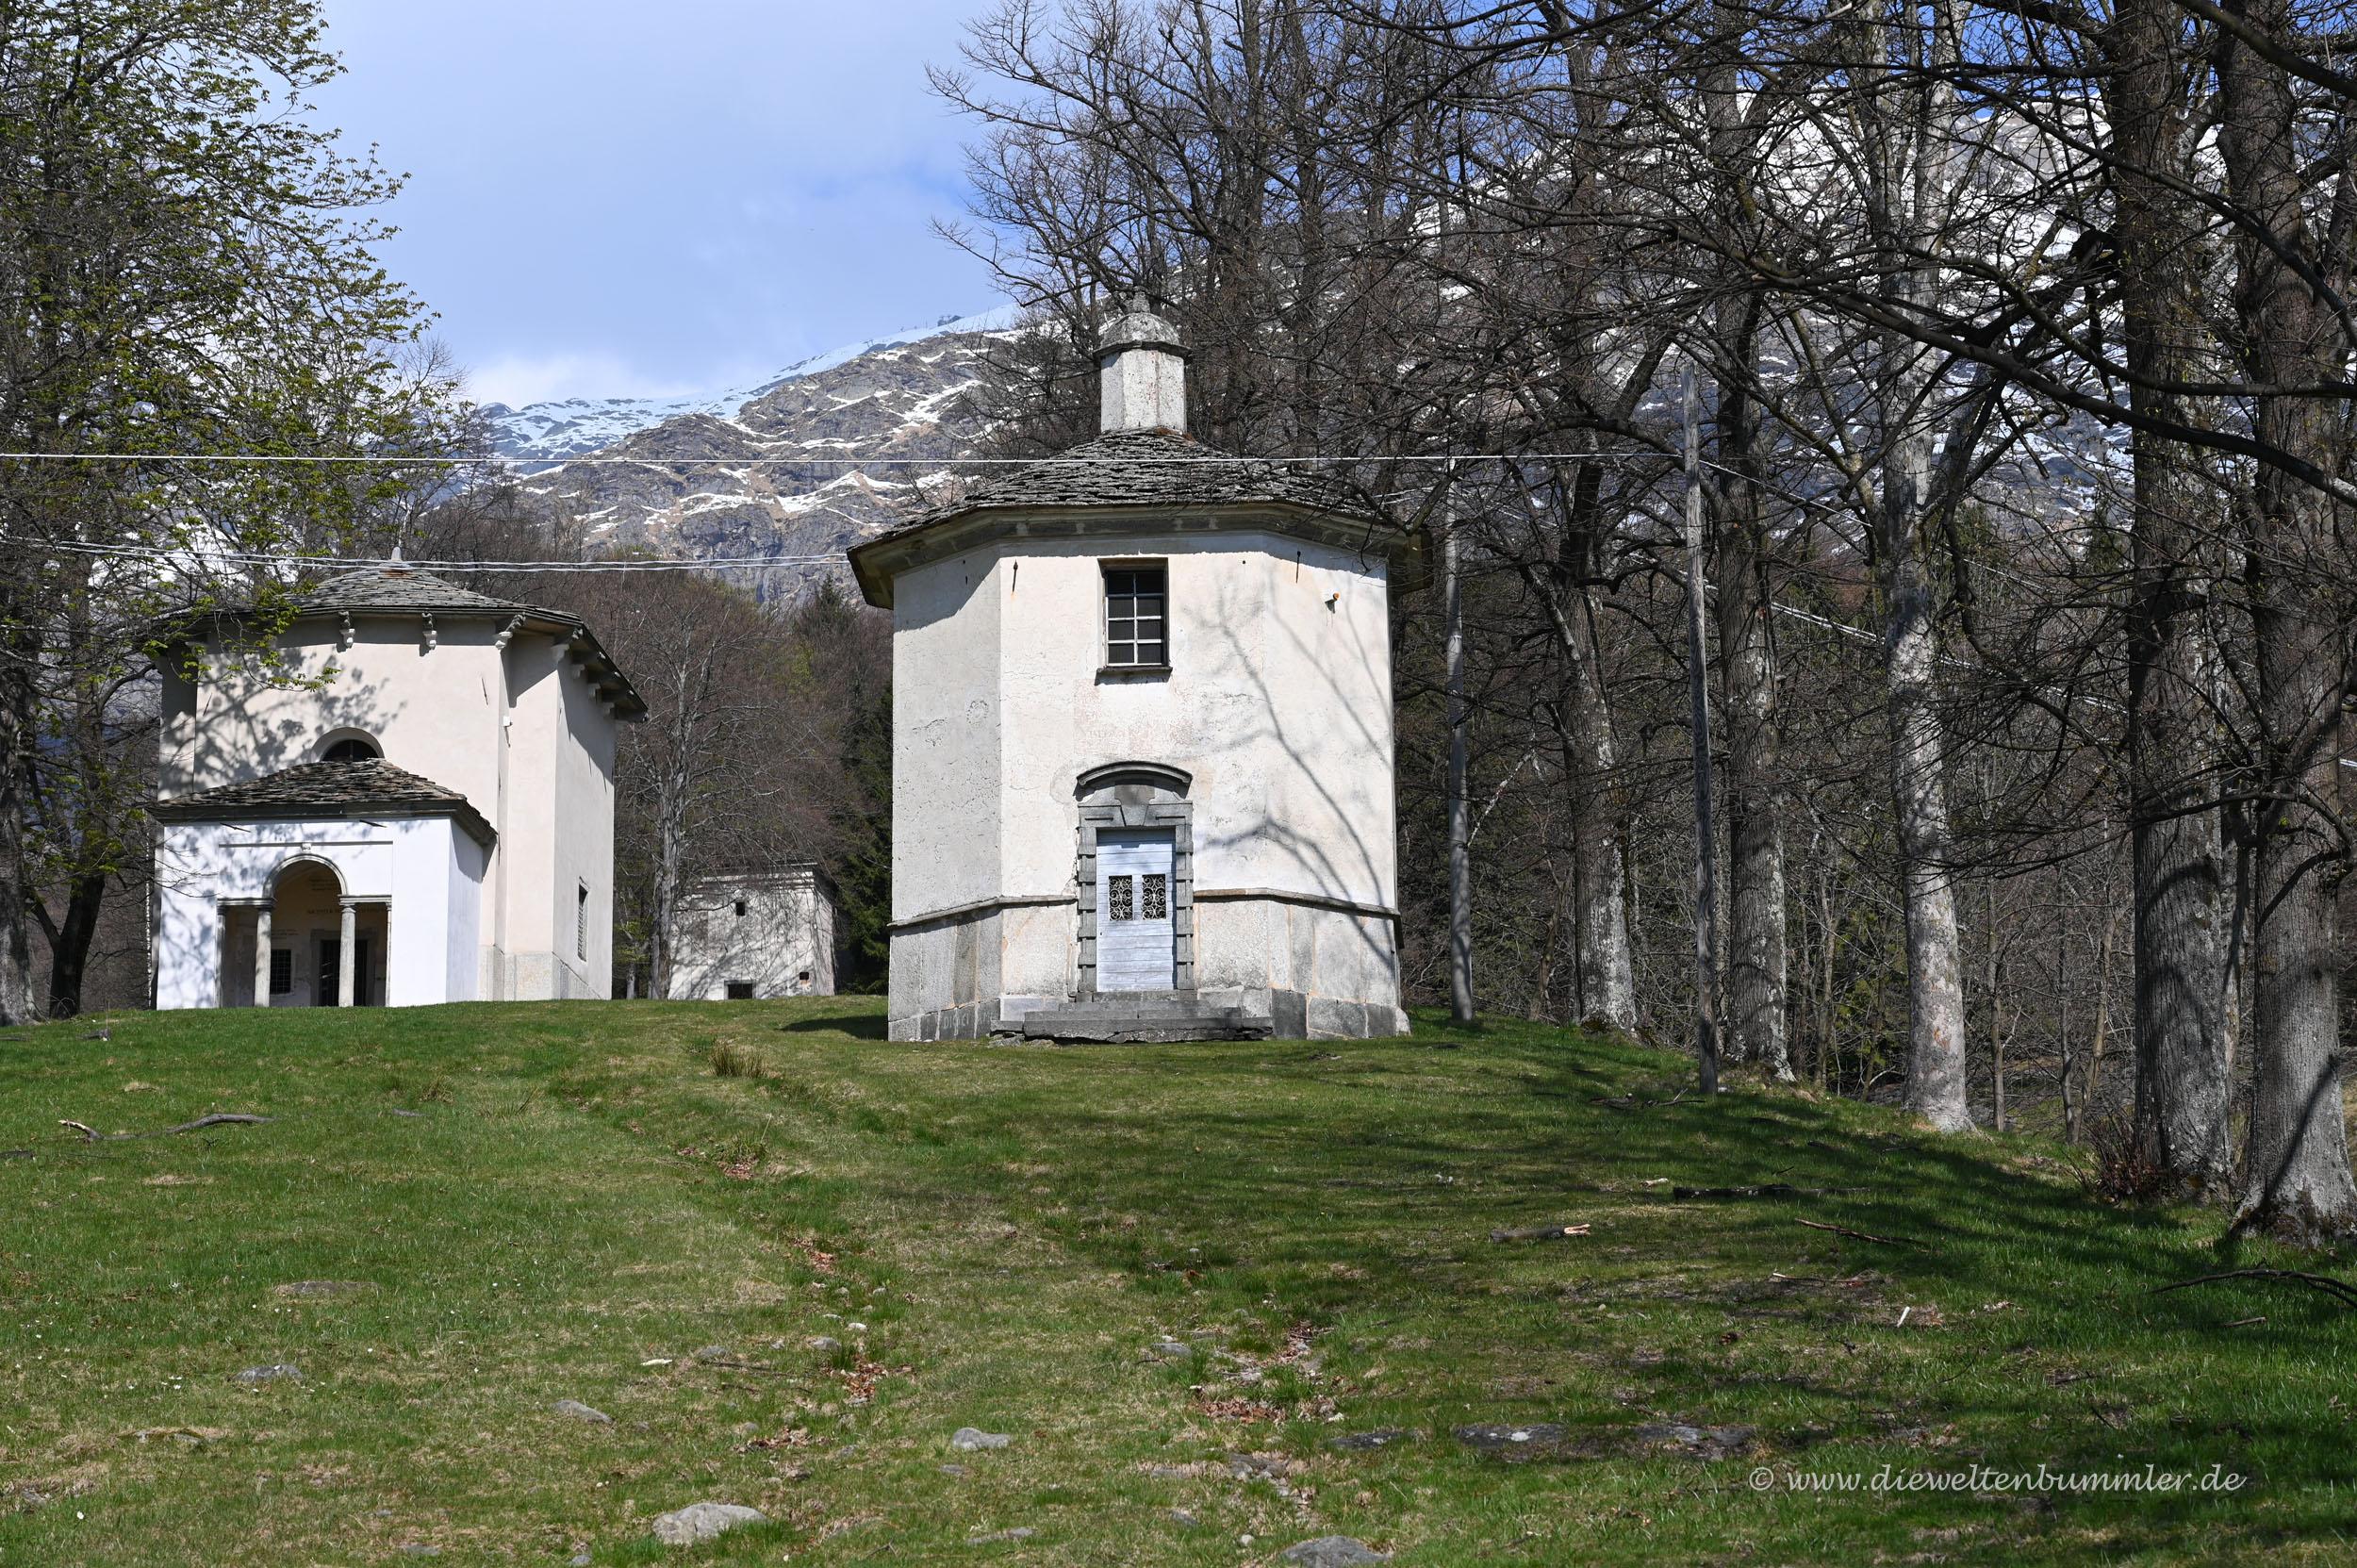 Kapellen in Oropa